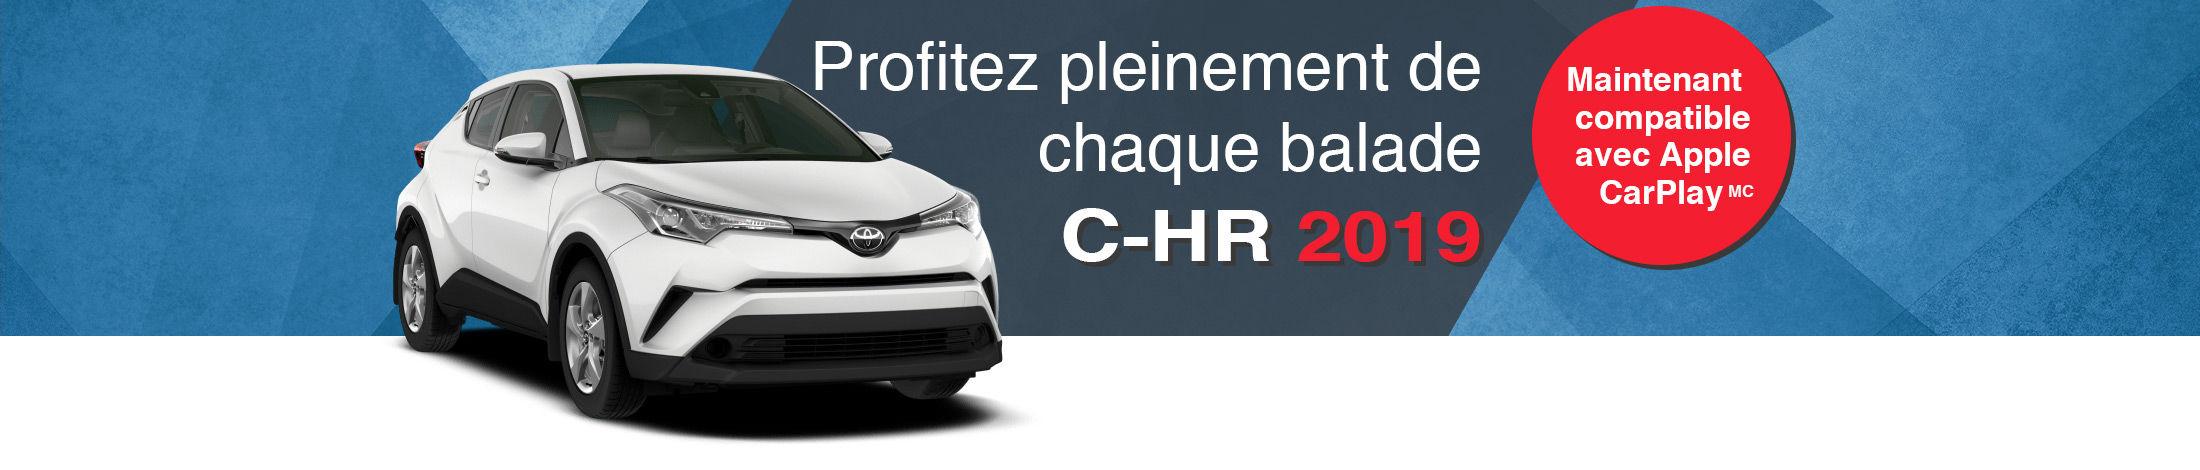 C-HR 2019